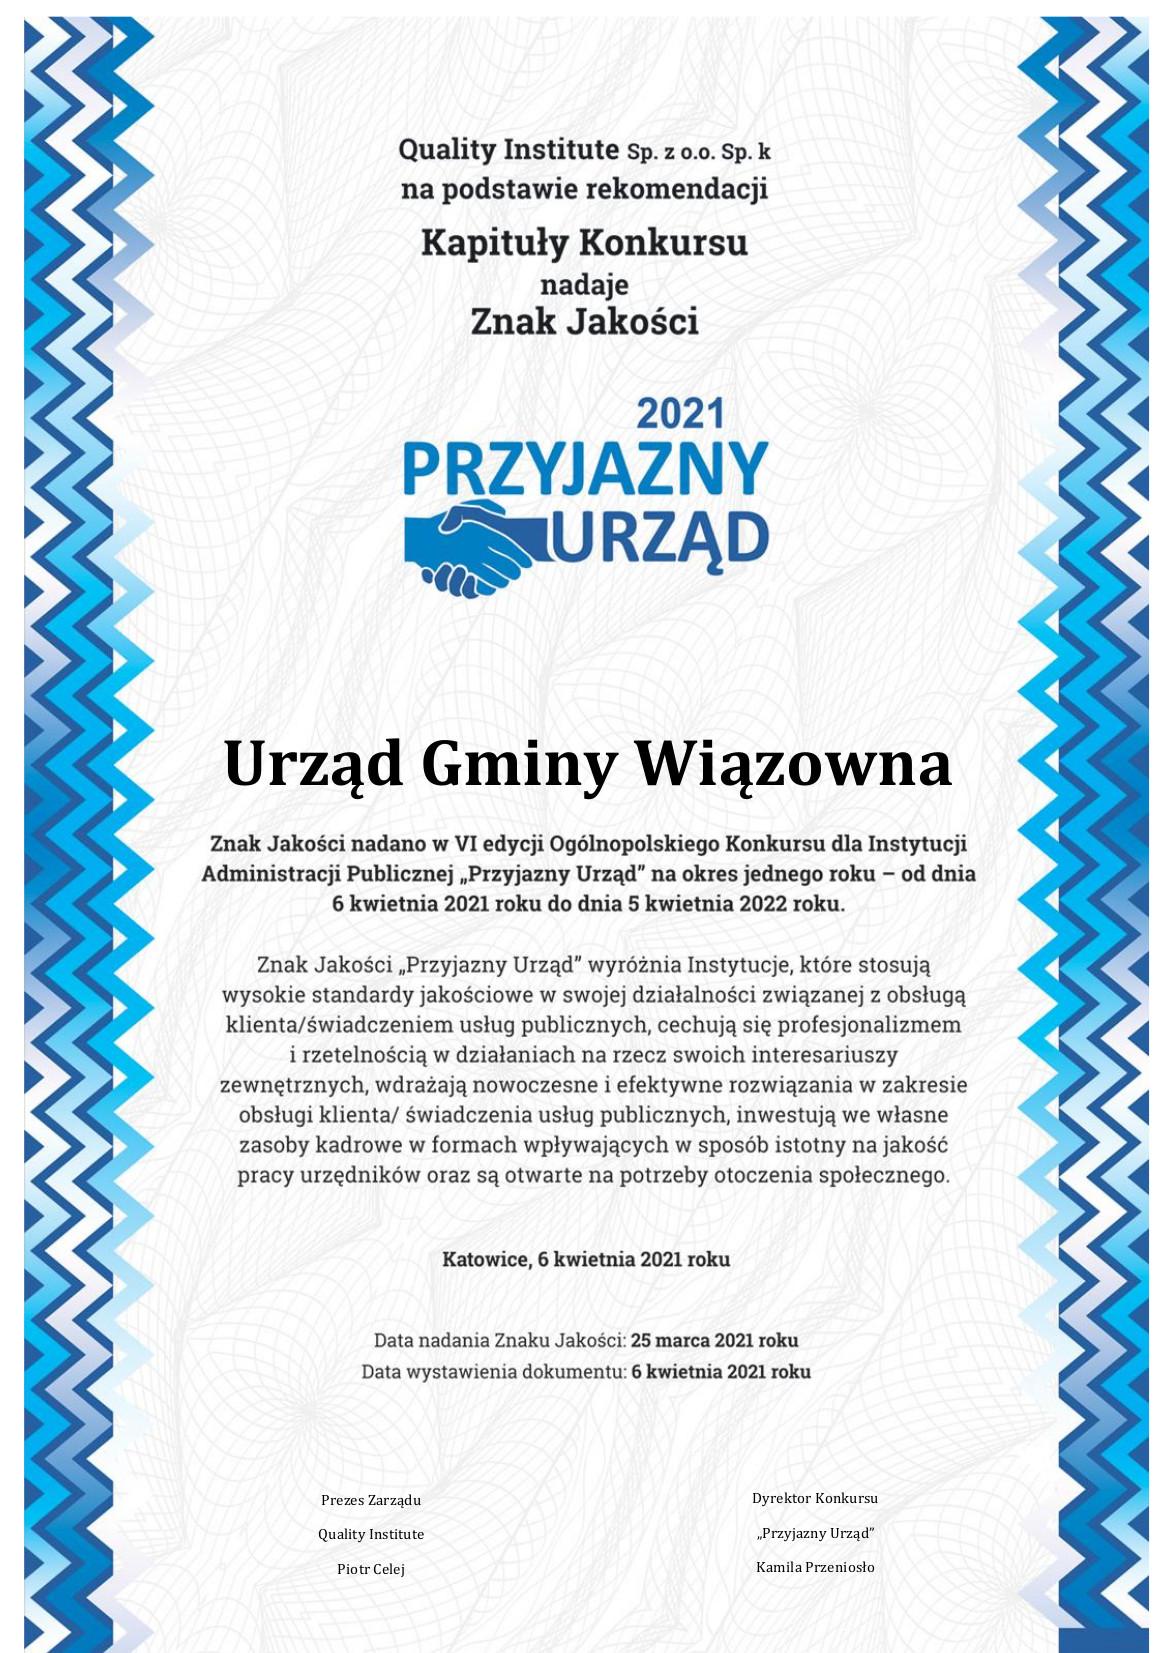 """Dyplom informujący o przyznaniu Urzędowi Gminy Wiązowna znaku jakości """"Przyjazny Urząd"""""""